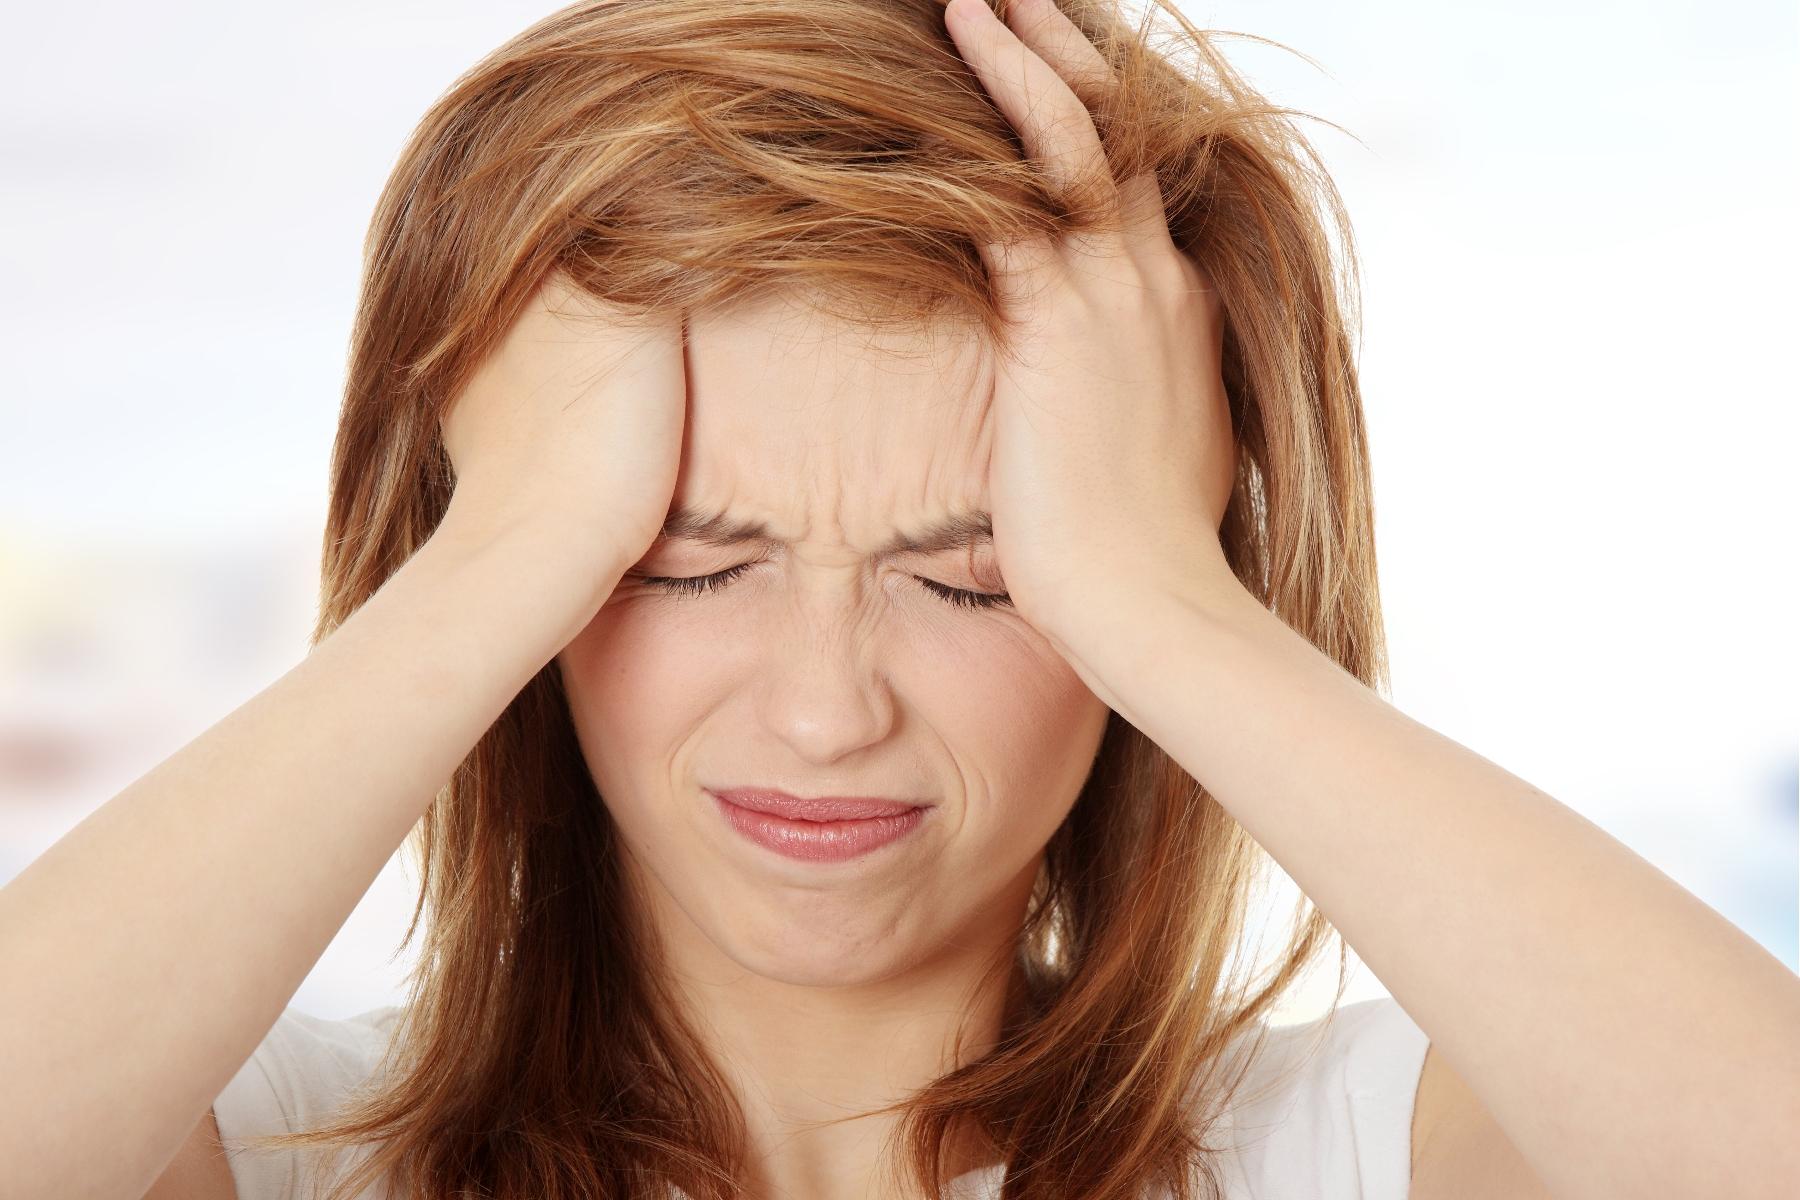 سردردتان را با استفاده از این روغن های گیاهی درمان کنید